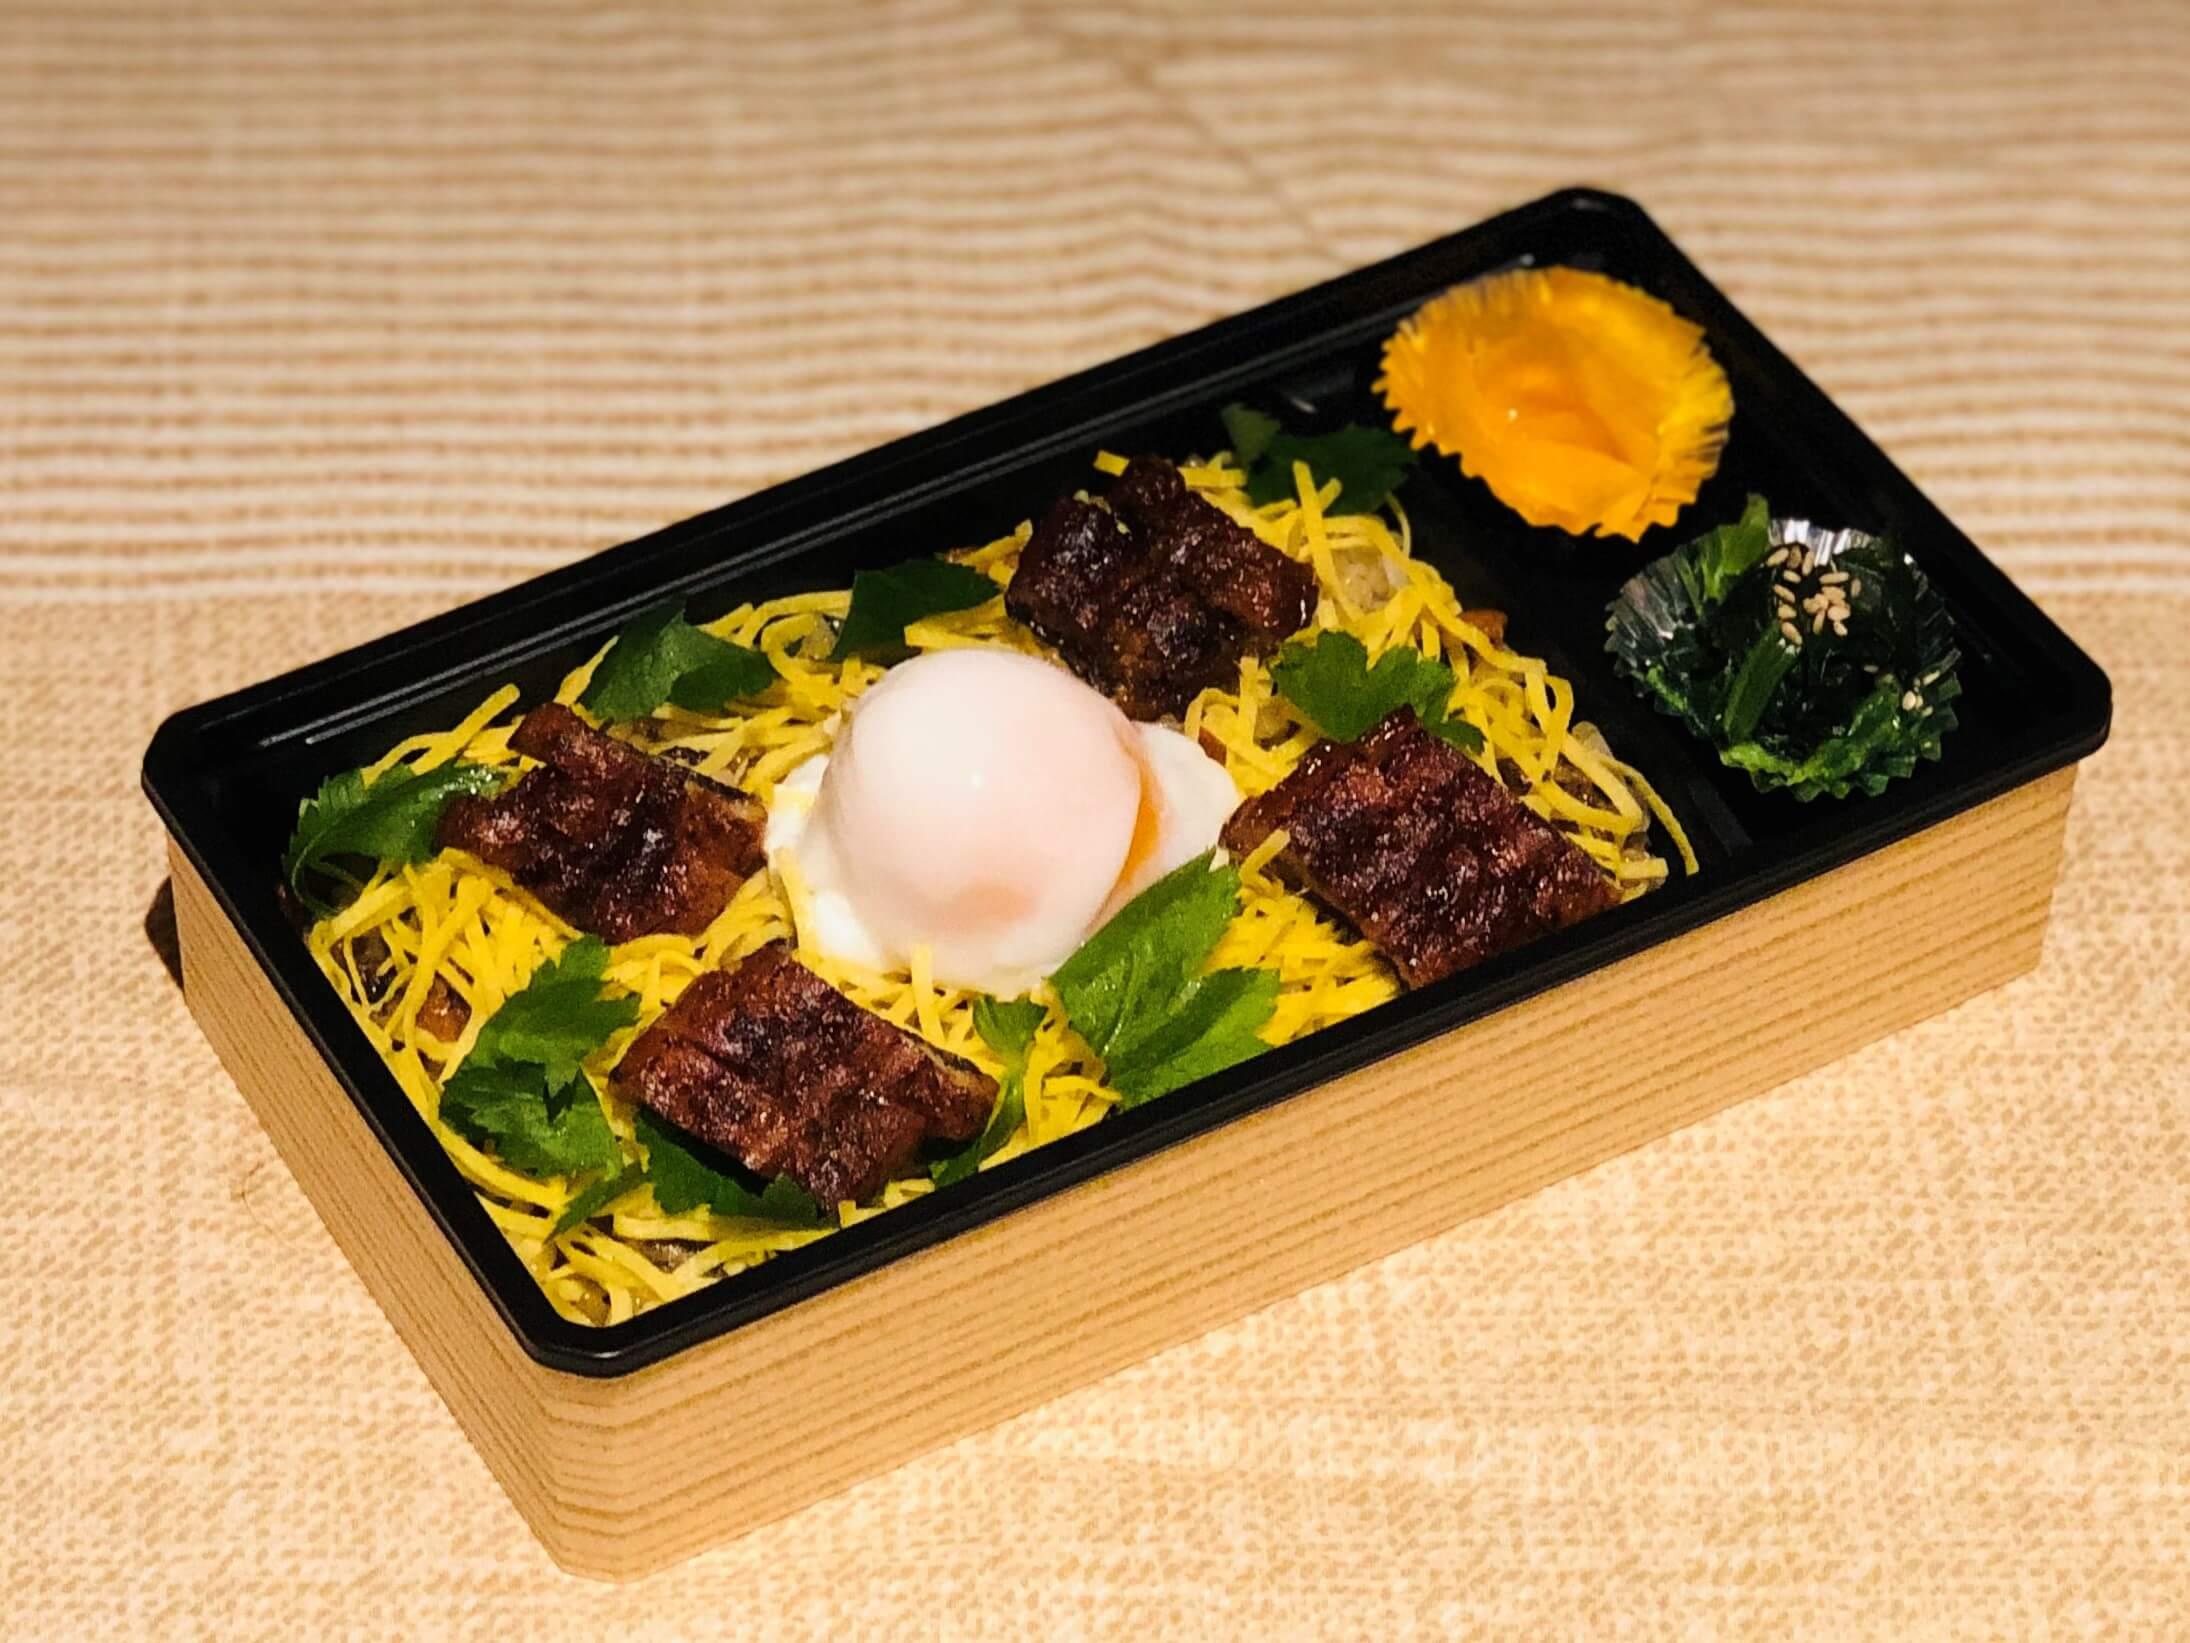 お手軽に食べられる「うなぎ」の混ぜご飯です!温泉卵と一緒に!